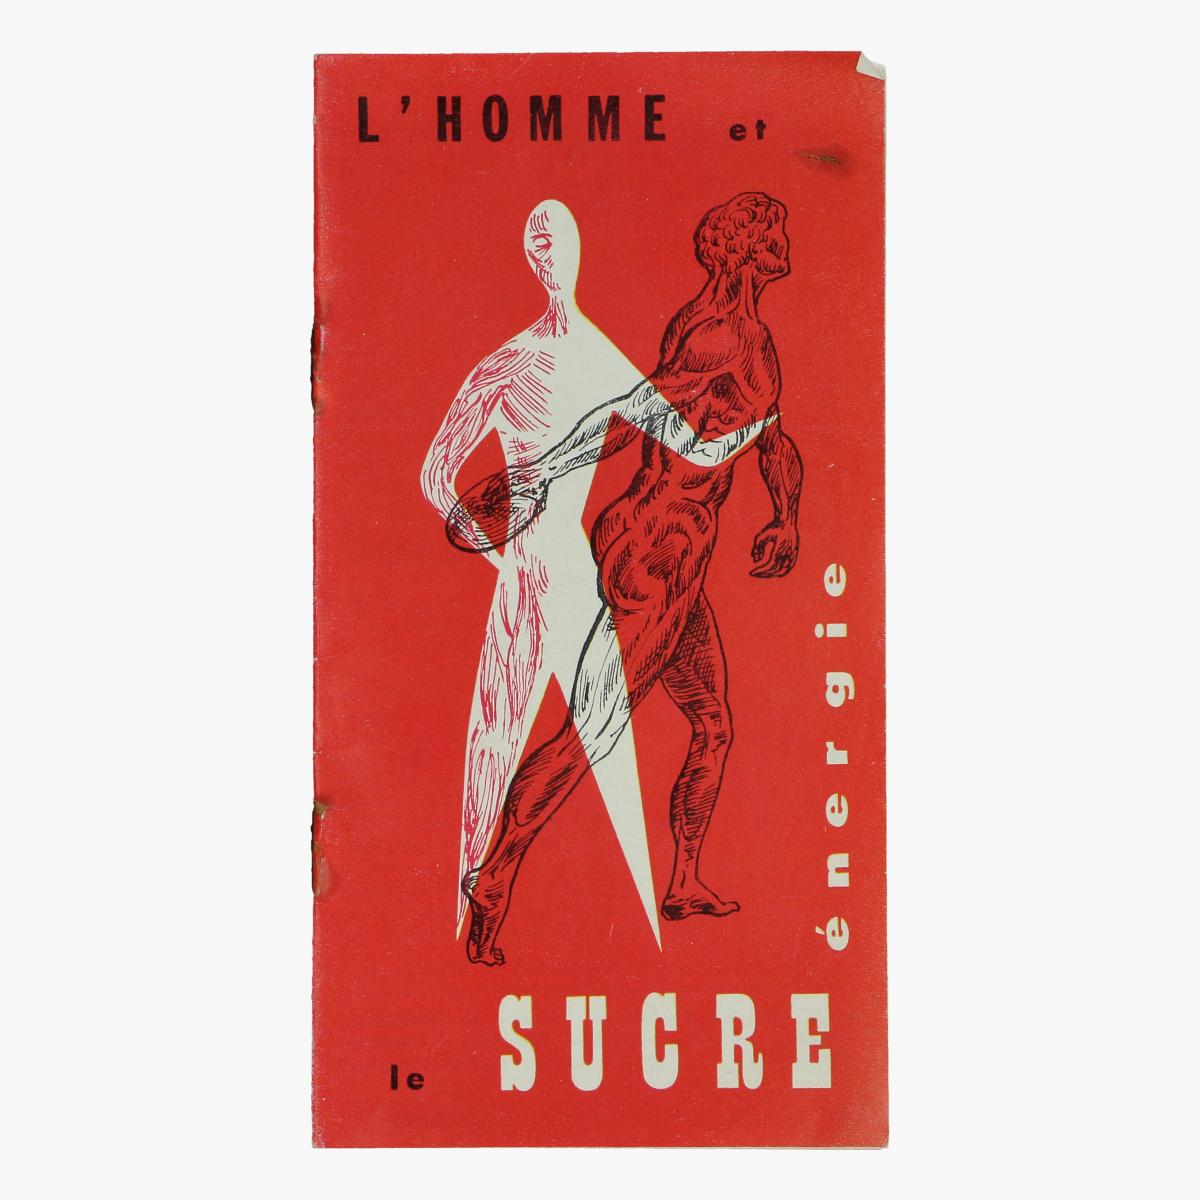 Afbeeldingen van expo 58 flyer l'homme et le sucre énérgie